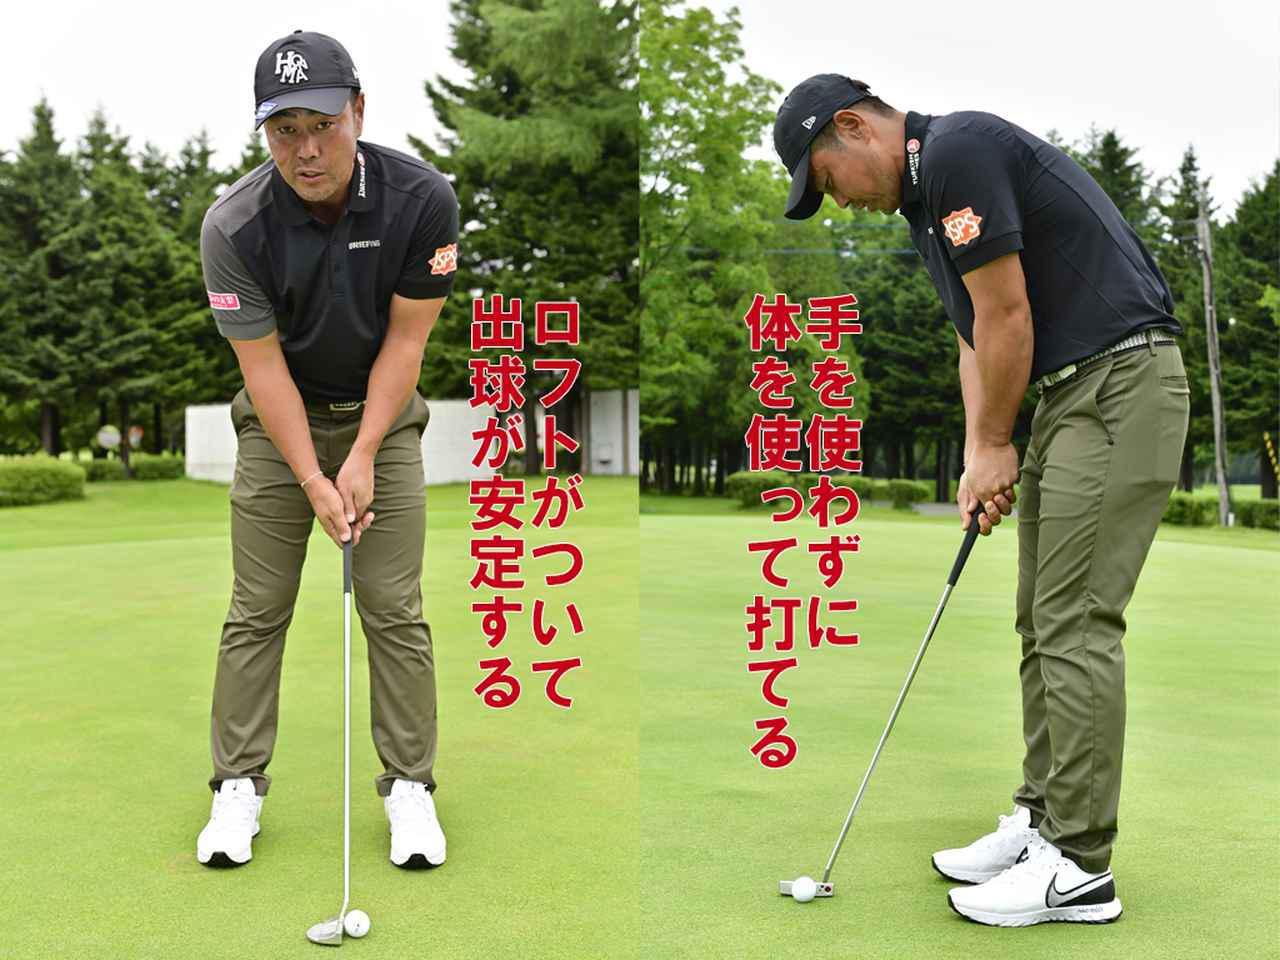 画像: ボールを中に入れる人が意外と多い。左ほほの延長上に置き、ロフトなり、もしくはロフトがついた状態で構えたい。ボール位置はドライバーと同じくらいのイメージ